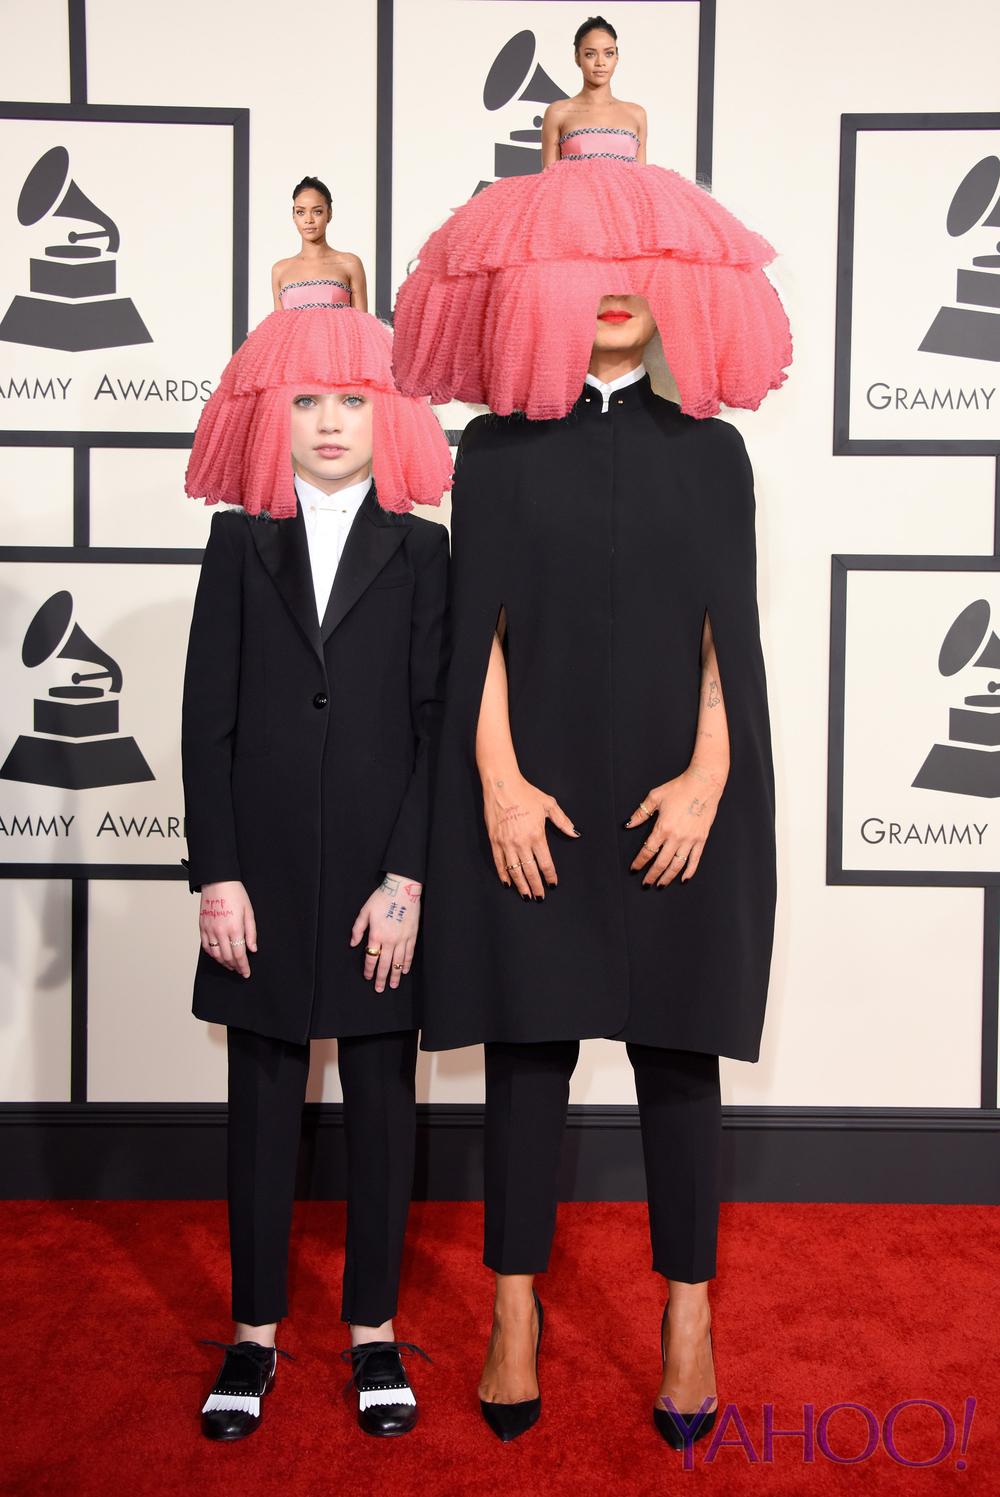 Rihanna's Dress Finds a Happy Home on Sia's Head   - Yahoo Music